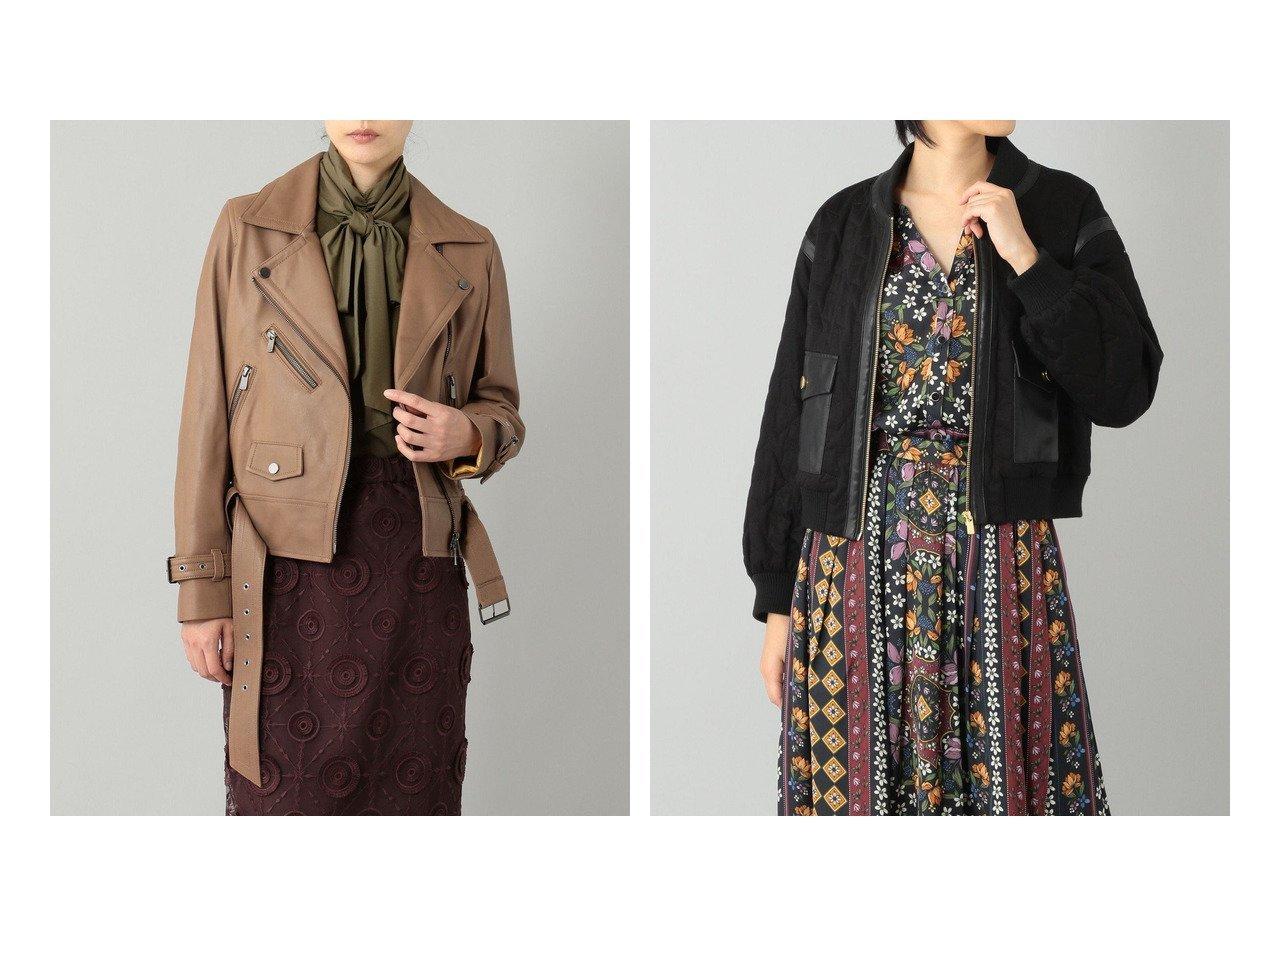 【GRACE CONTINENTAL/グレース コンチネンタル】のキルティグショートブルゾン&ベルト付ライダースジャケット 【アウター】おすすめ!人気、トレンド・レディースファッションの通販 おすすめで人気の流行・トレンド、ファッションの通販商品 インテリア・家具・メンズファッション・キッズファッション・レディースファッション・服の通販 founy(ファニー) https://founy.com/ ファッション Fashion レディースファッション WOMEN アウター Coat Outerwear ジャケット Jackets ライダース Riders Jacket ベルト Belts ブルゾン Blouson/Jackets 送料無料 Free Shipping カットソー ジャケット スペシャル トレンド ライダースジャケット ワイド キルト ショート ジャージ スリーブ 定番 Standard バランス フェミニン ブルゾン ポケット メタル |ID:crp329100000061555